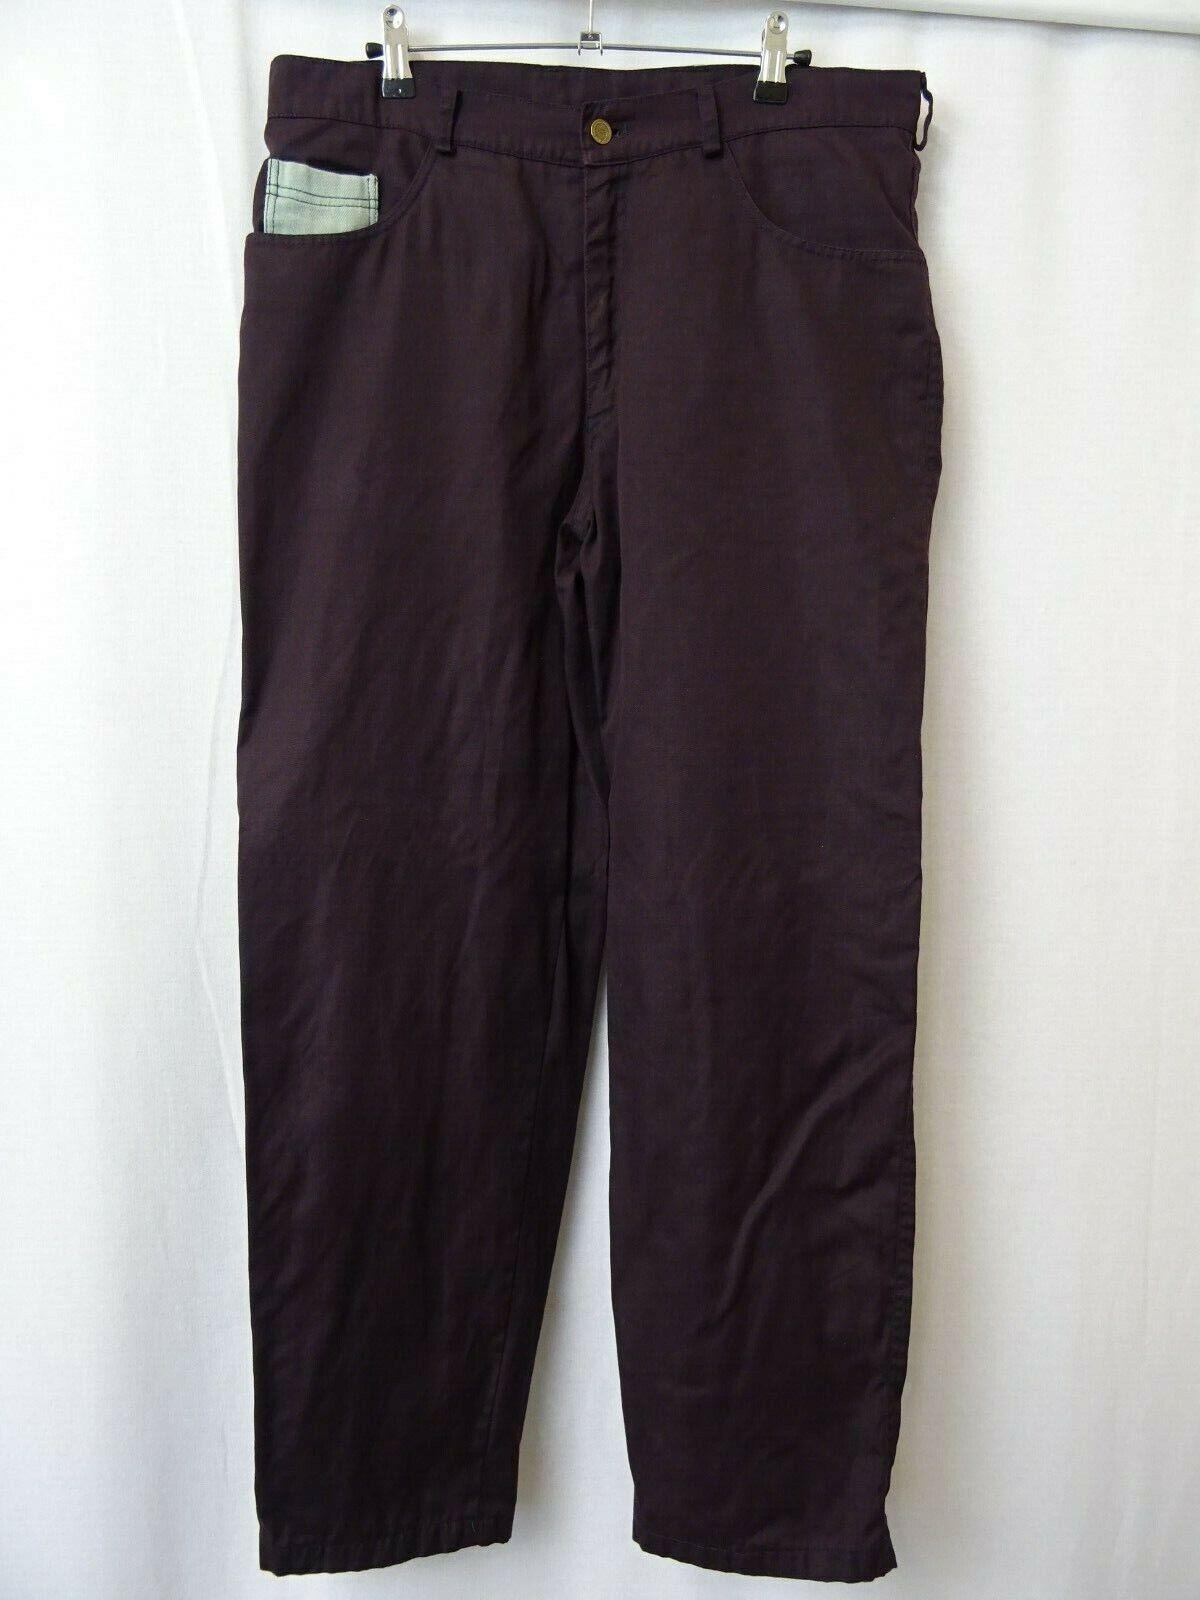 Men's Fjällräven Trousers Outdoor Pants W36 L30